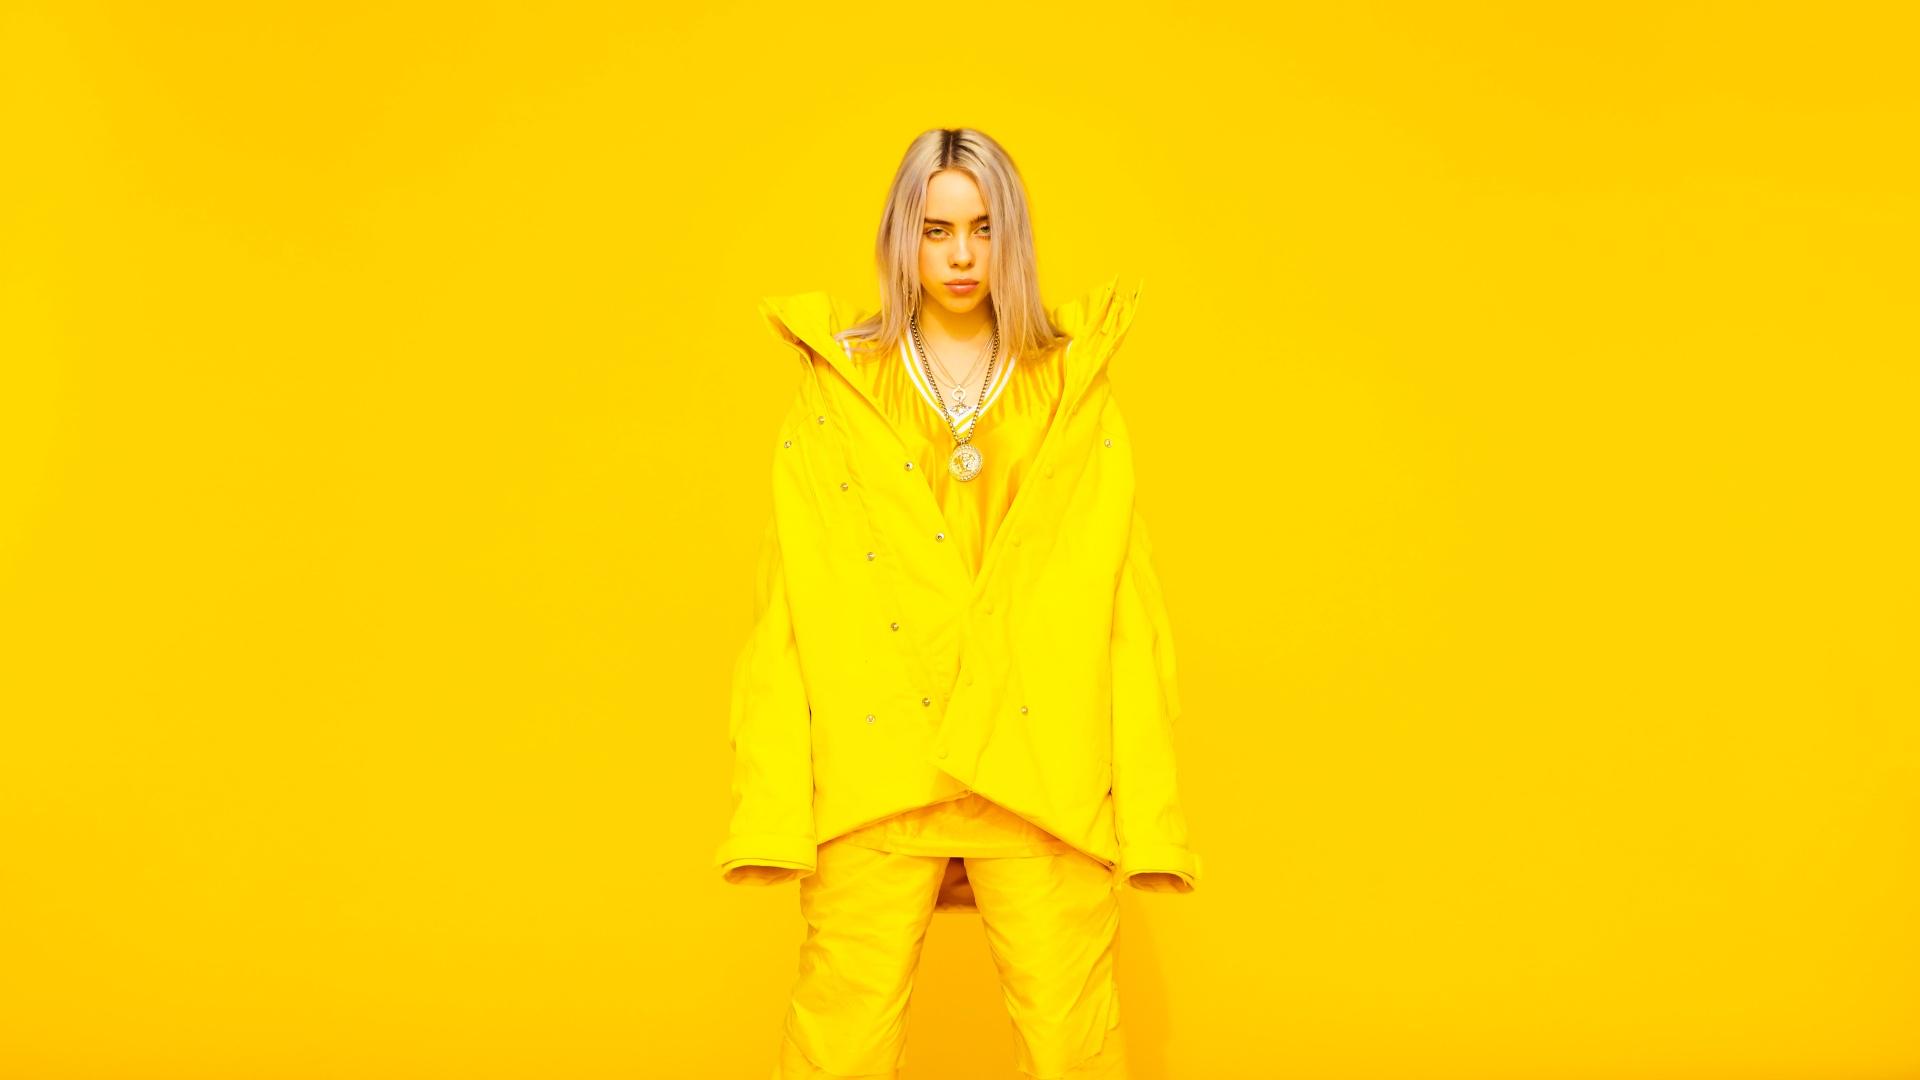 Billie Eilish best picture